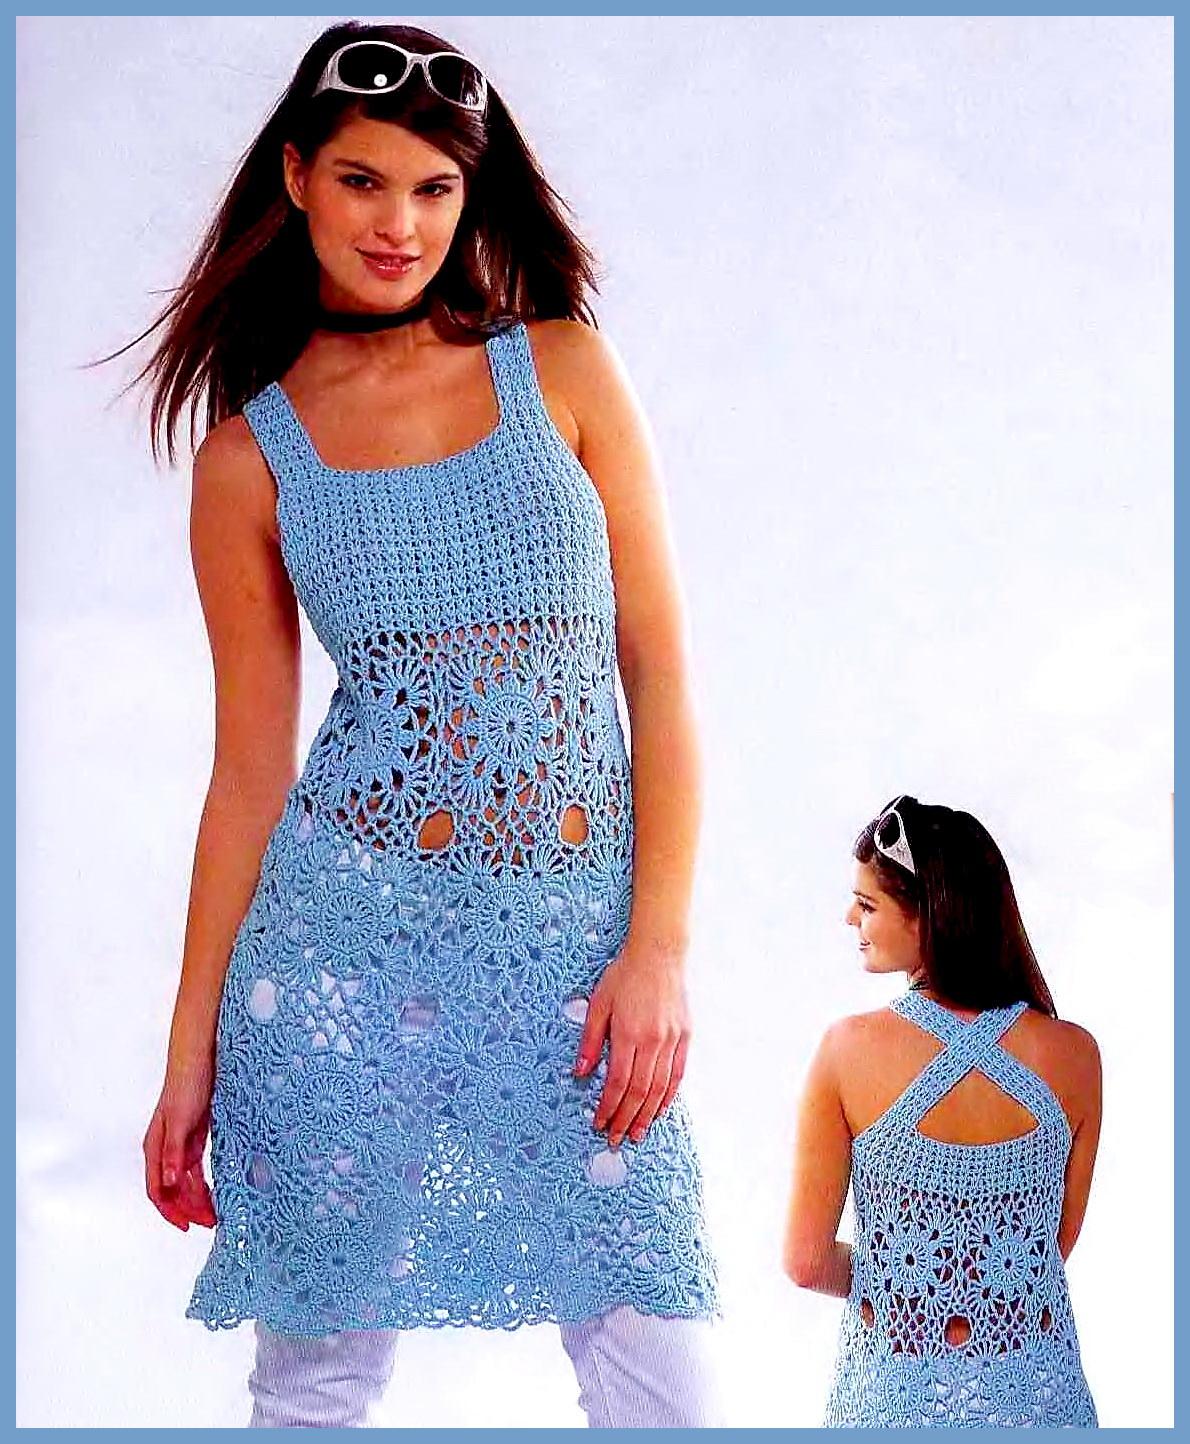 Бирюзовый вязаный ажурный сарафан из мотивов. Перед связан ажурным рельефным узором, юбка связана из квадратных мотивов. Ажурное вязание крючком